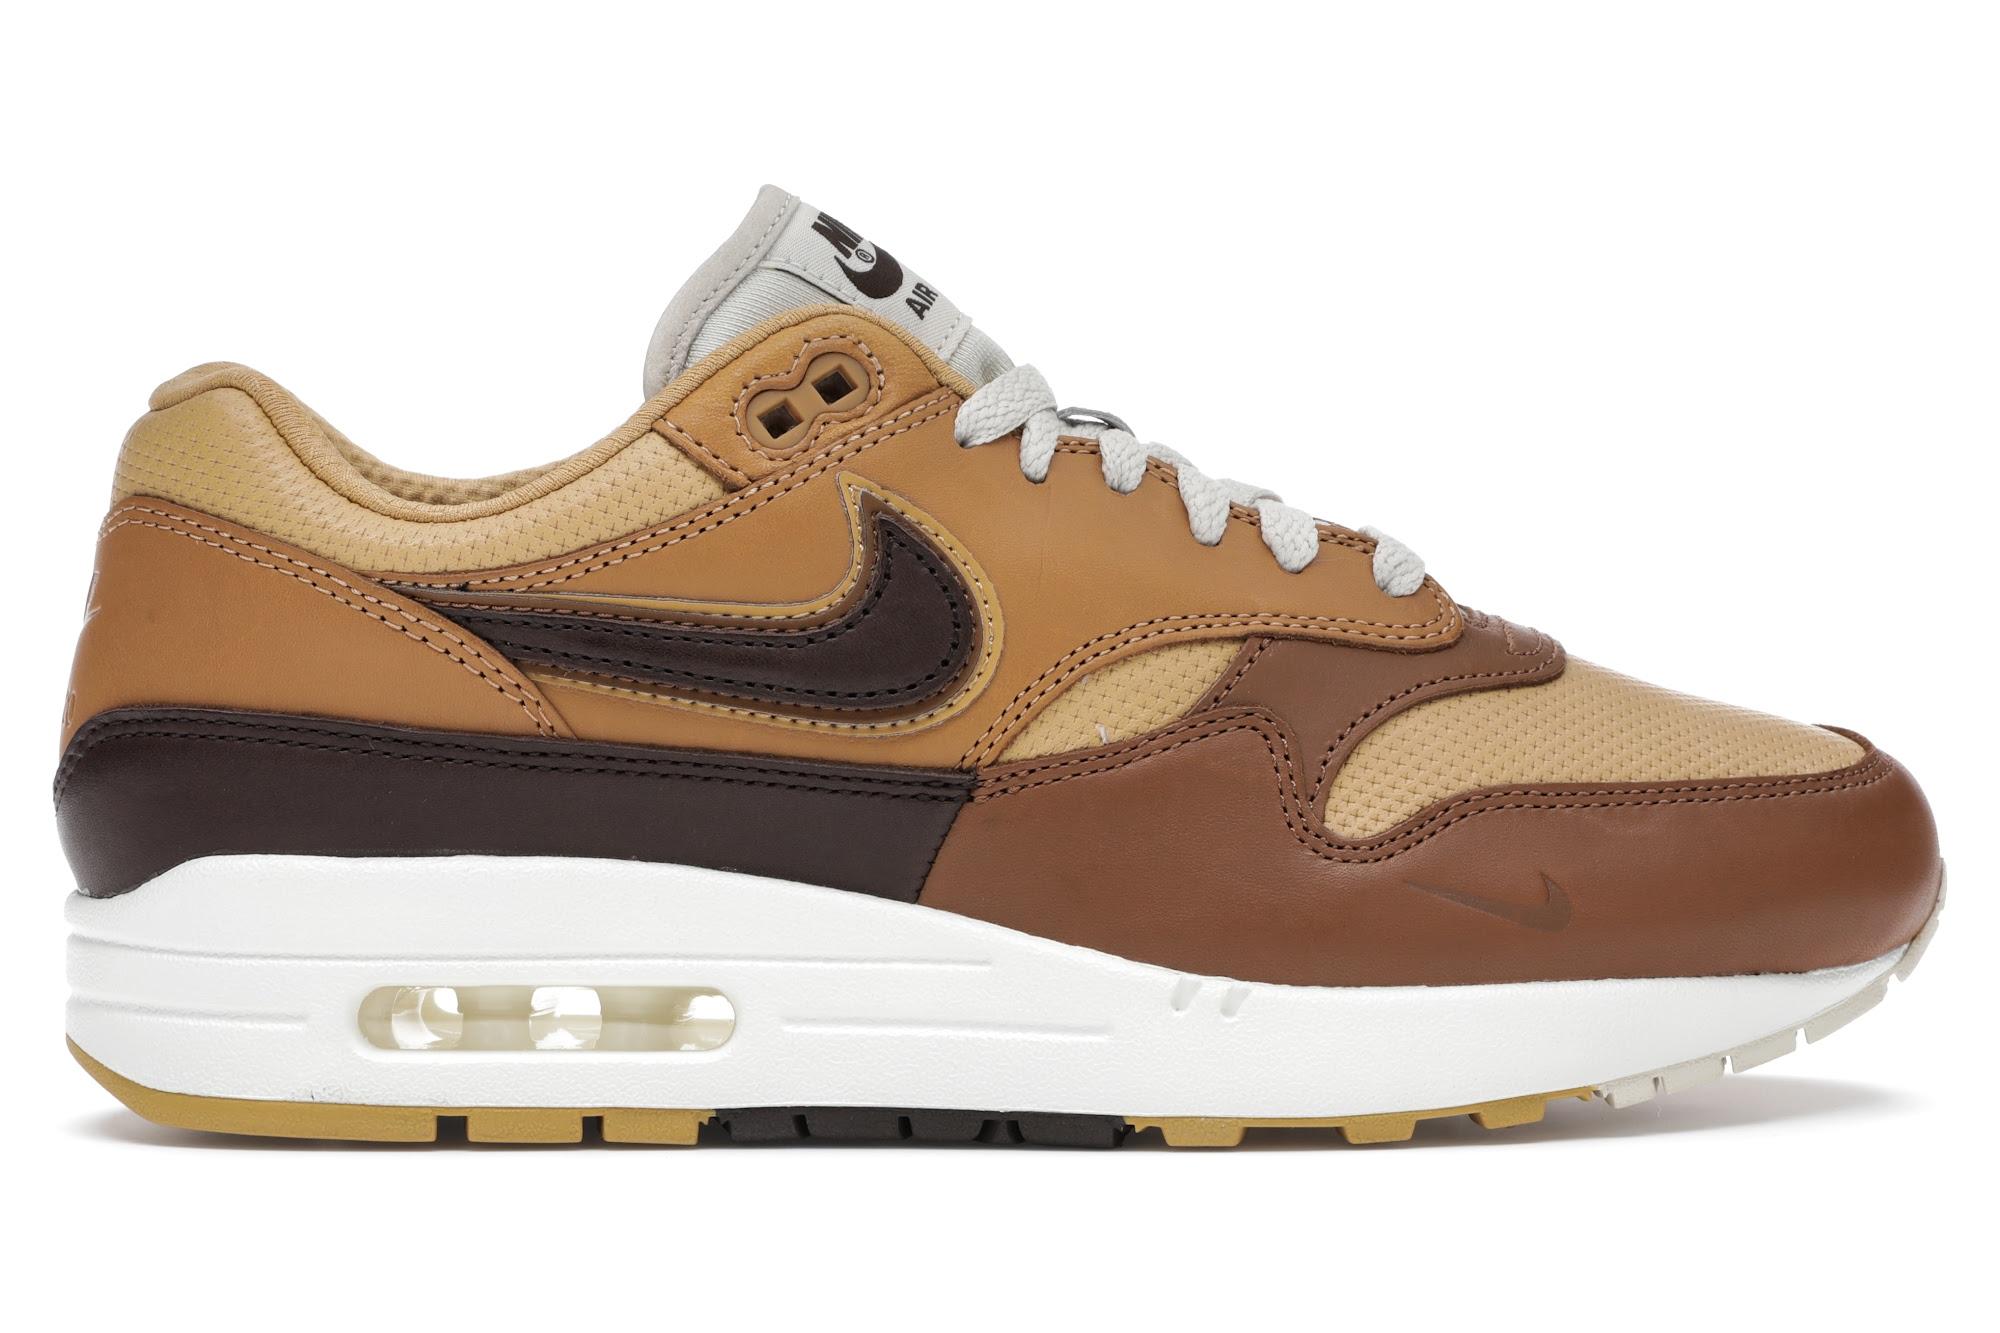 Nike Air Max 1 SNKRS Day Brown - DA4302-700